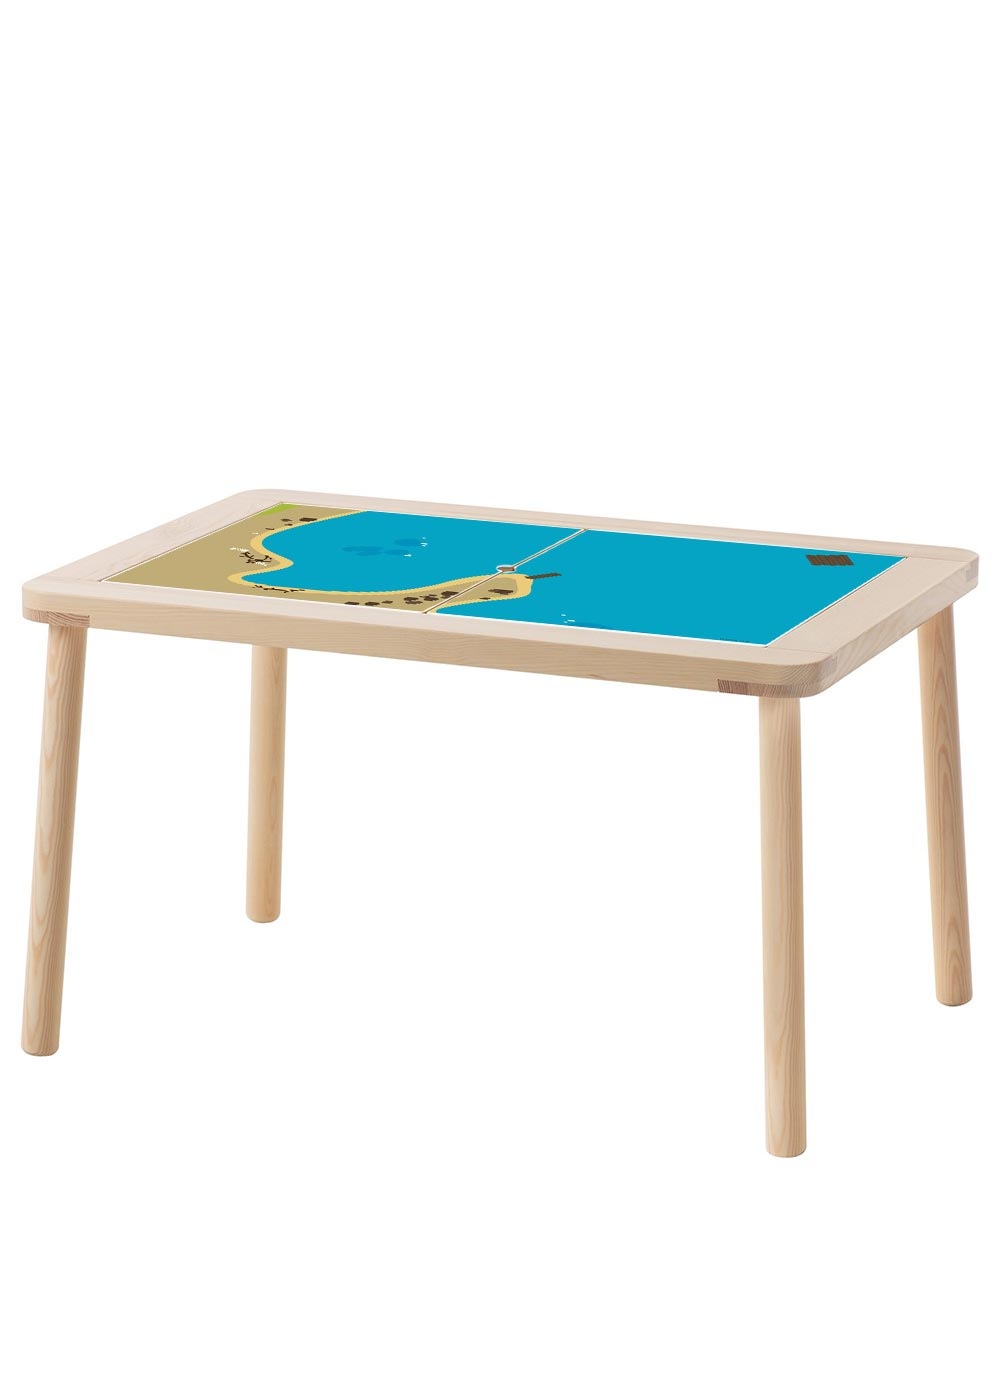 Ikea Flisat Kindertisch Wasserreich Komplettansicht